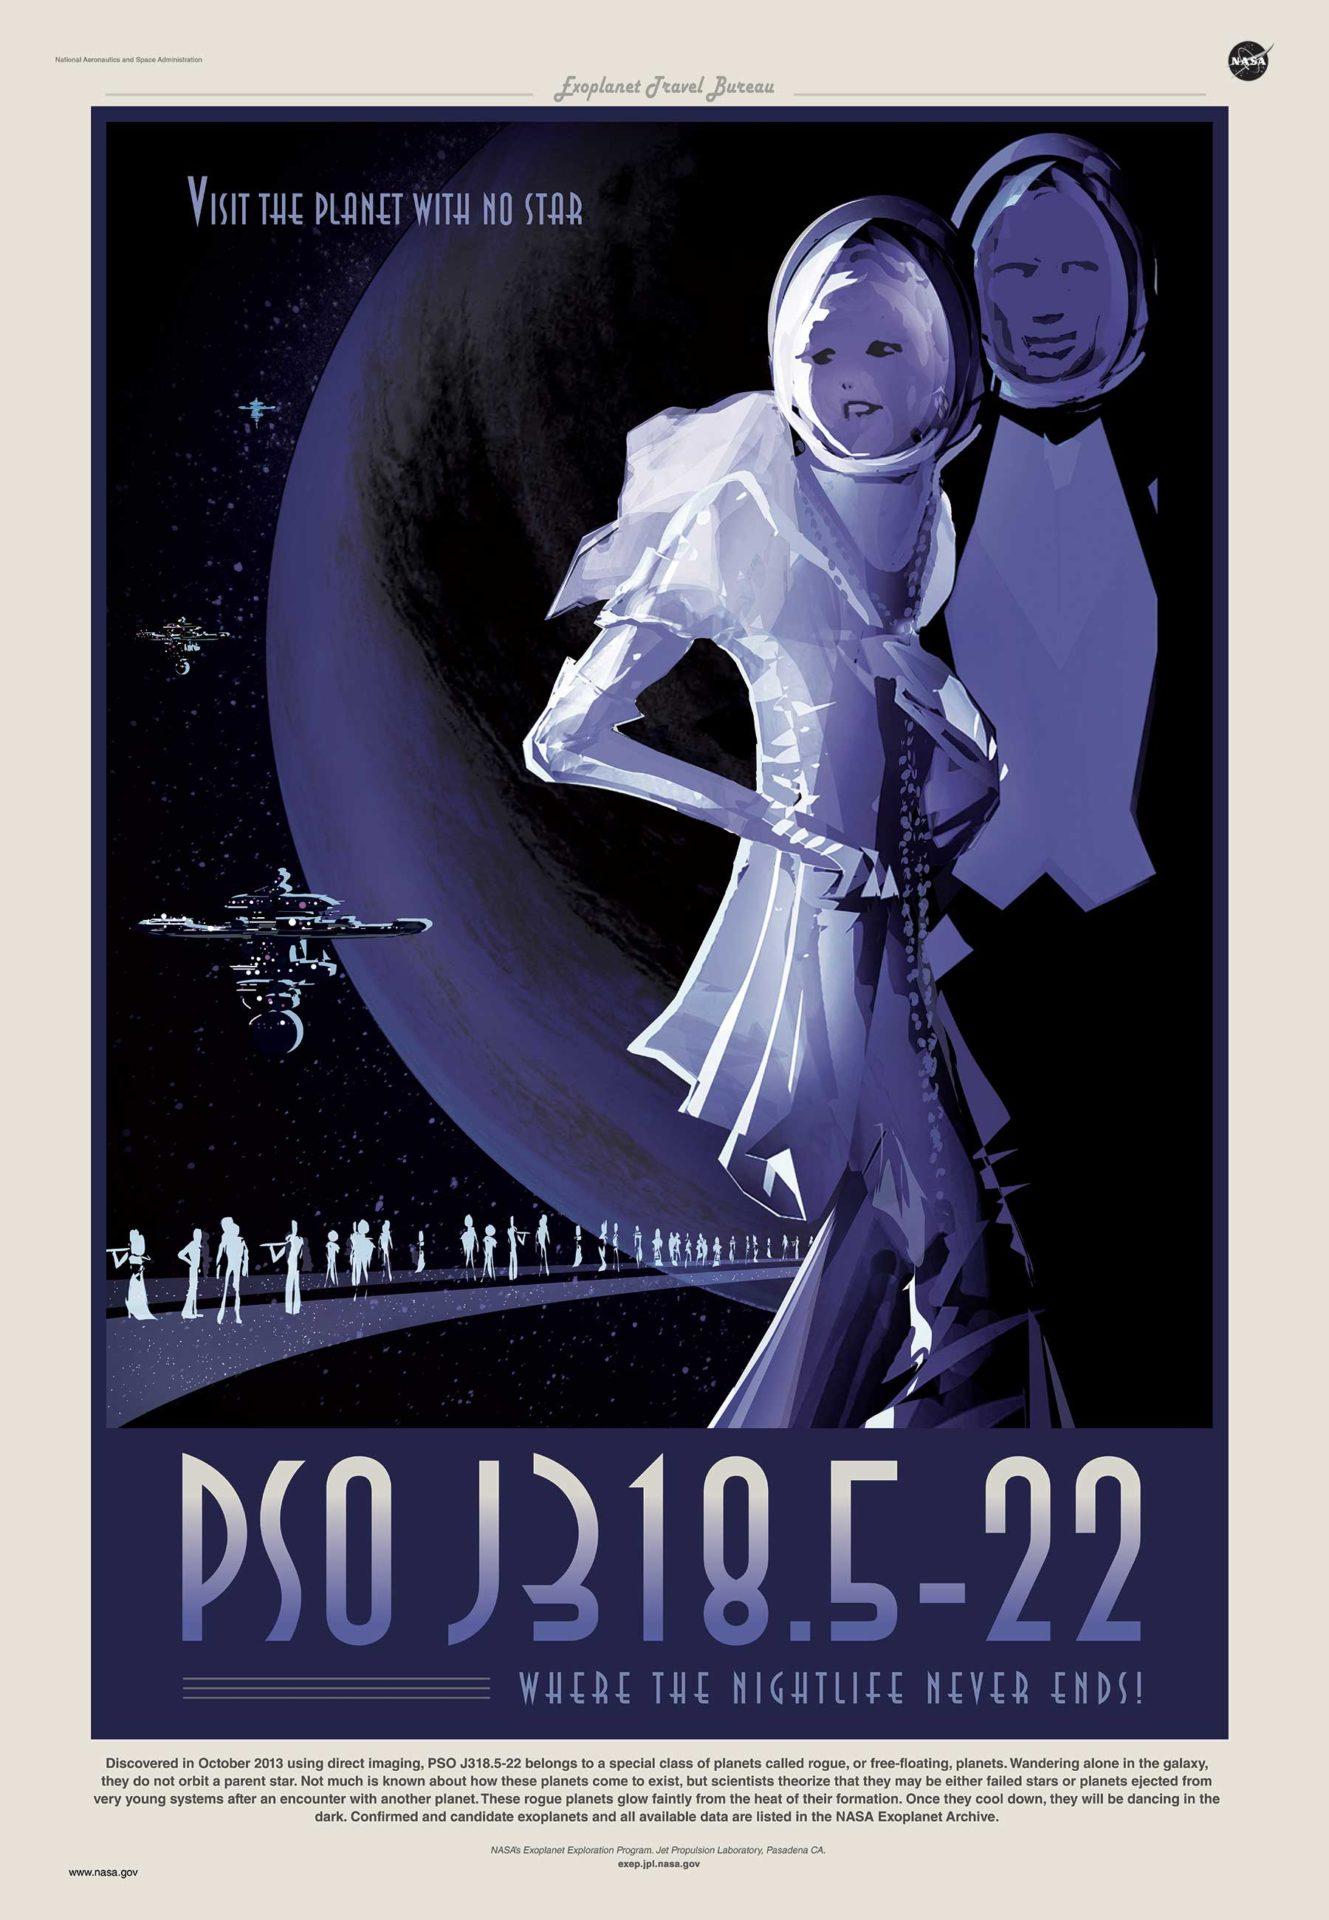 Poster viagem no espaco - NASA PSOJ3185-22